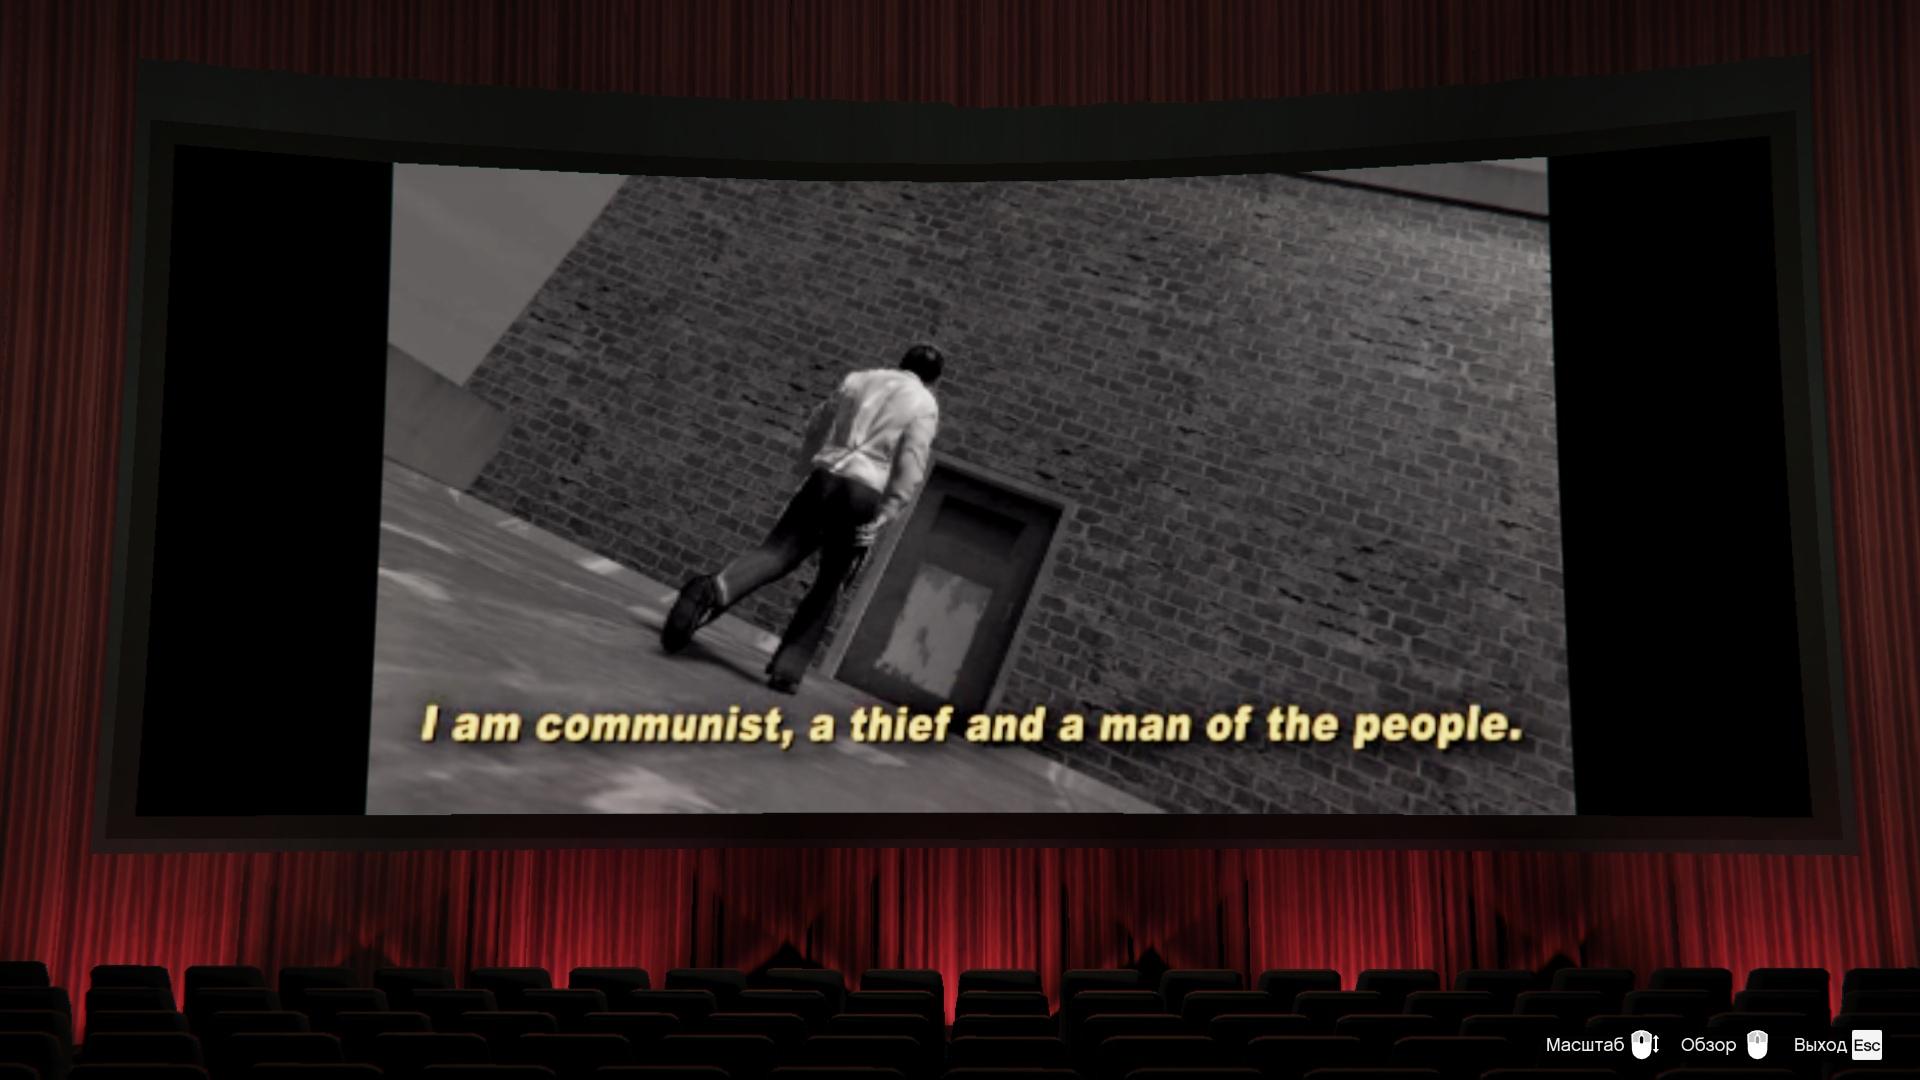 Иногда синемарксизм можно найти даже в компьютерных играх.